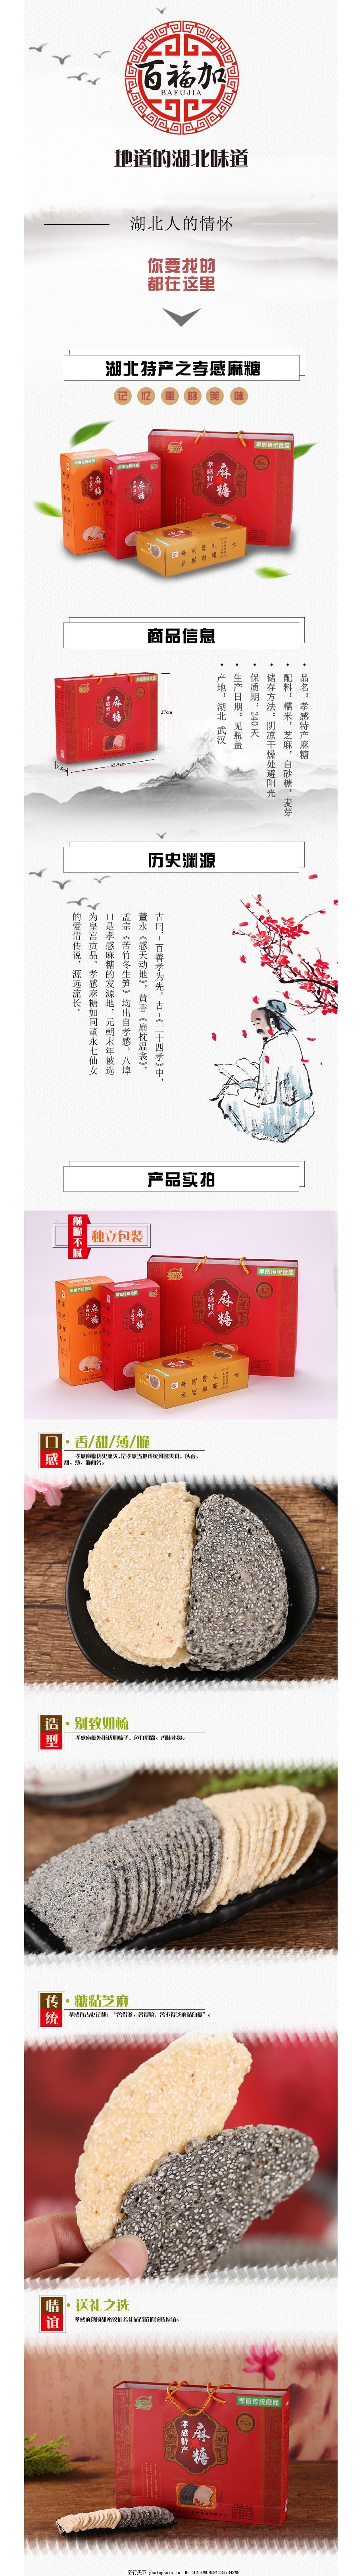 中国风古风简约电商食品茶饮淘宝详情页 时尚 大气